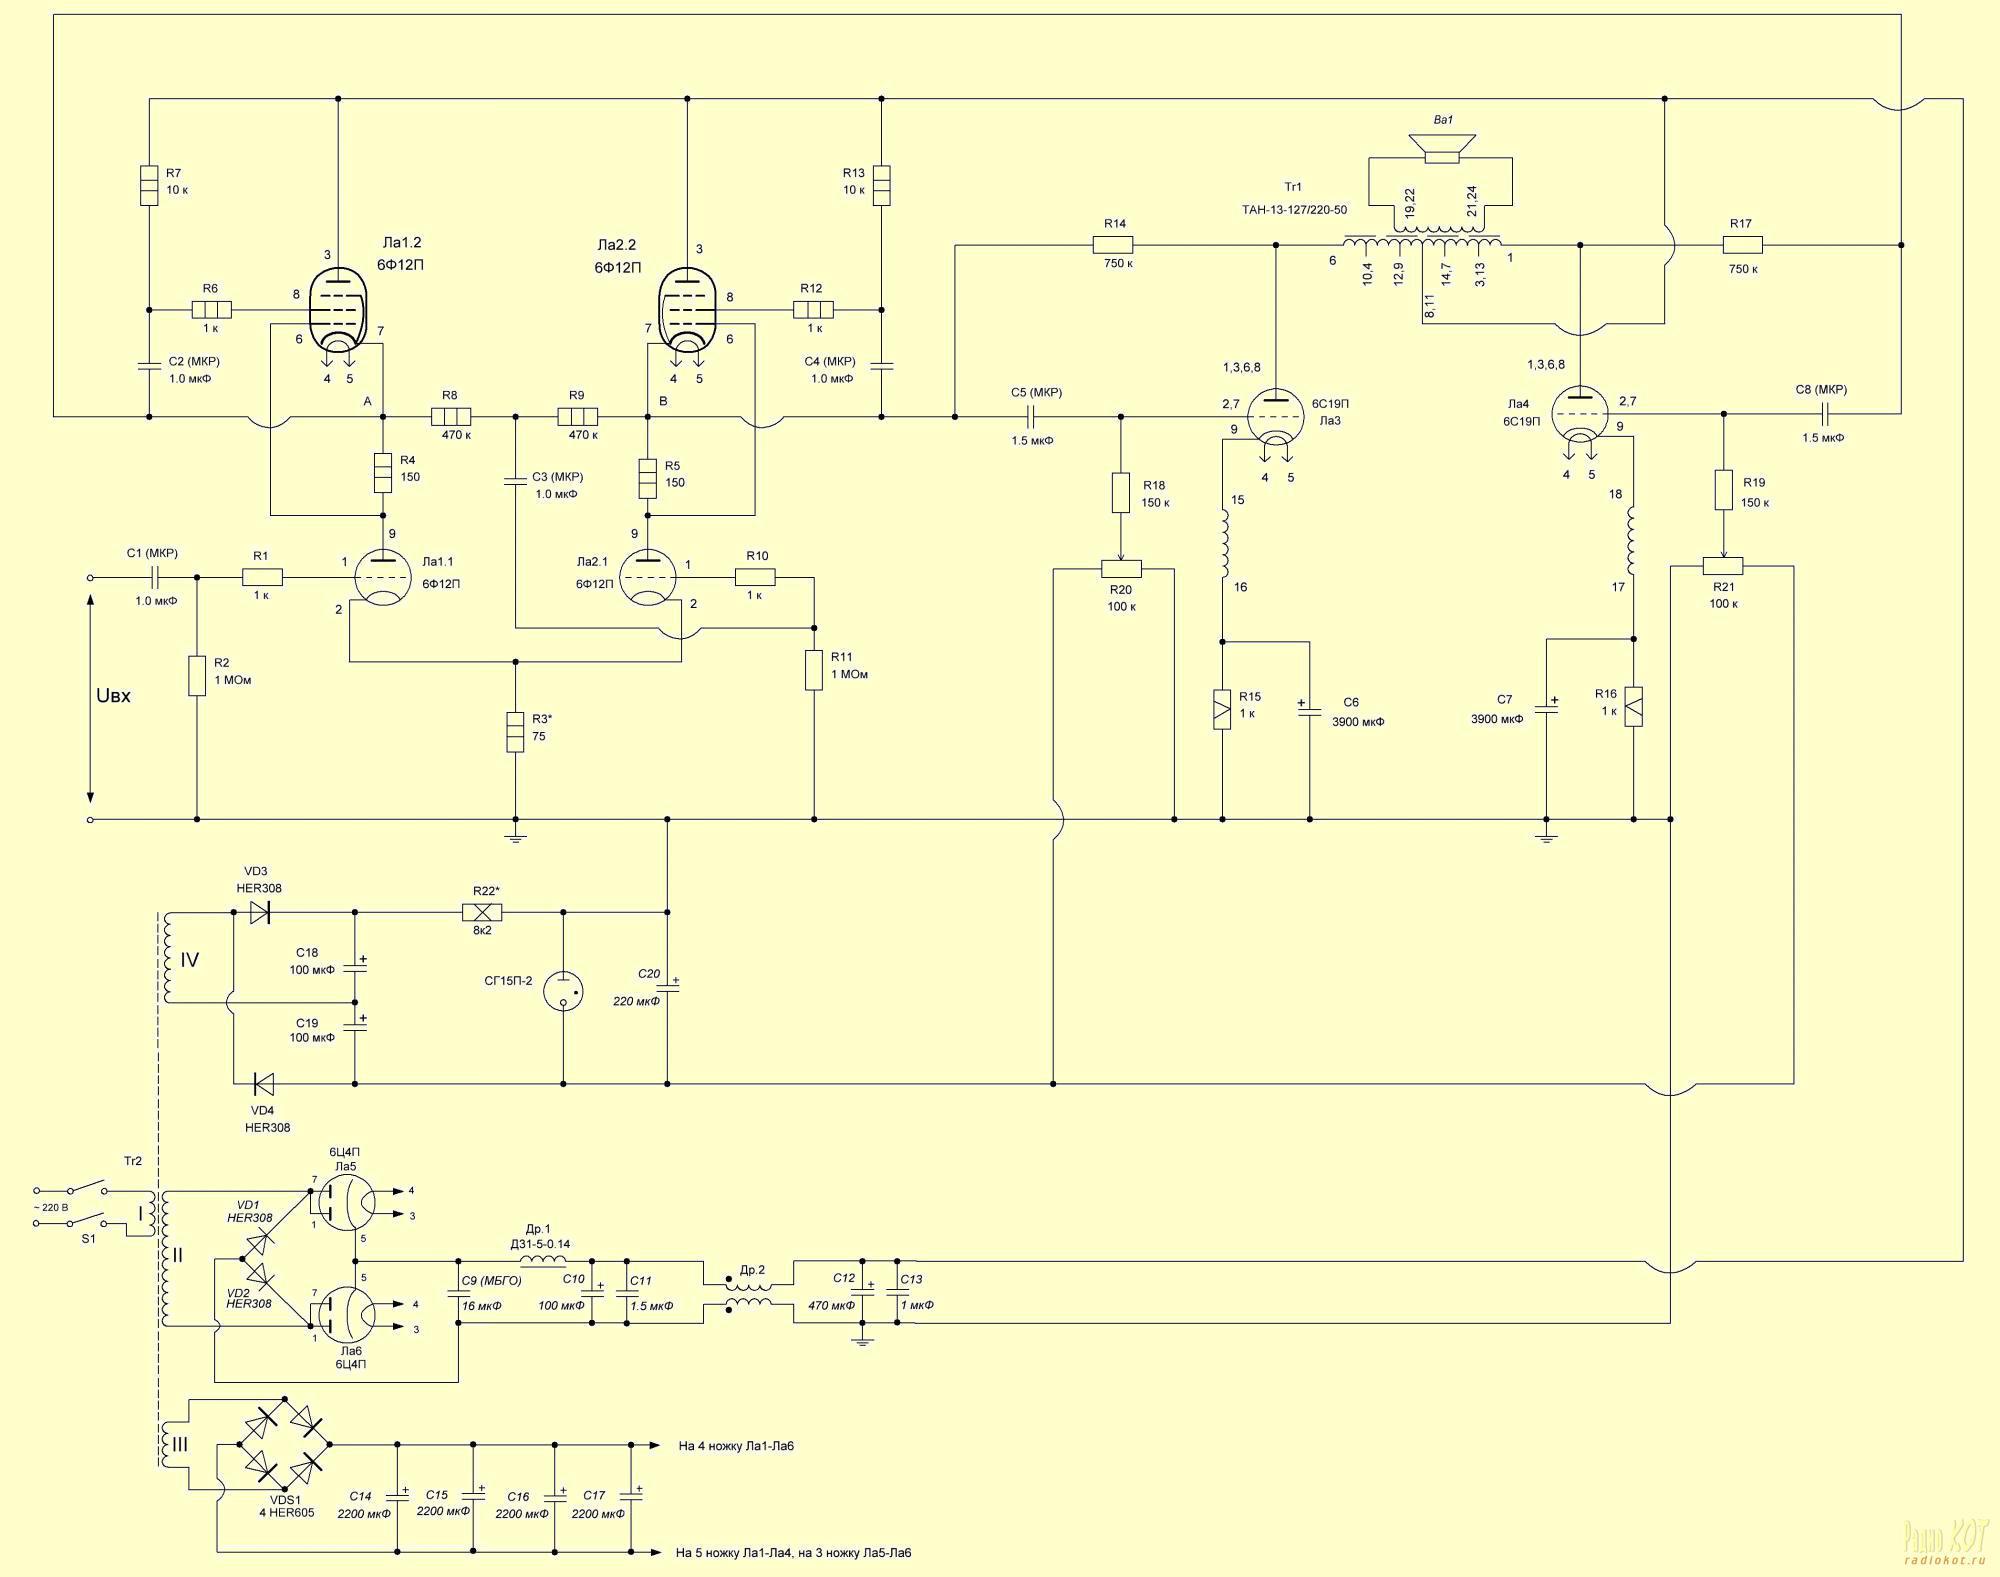 расстановка акустических систем по схеме 2 1